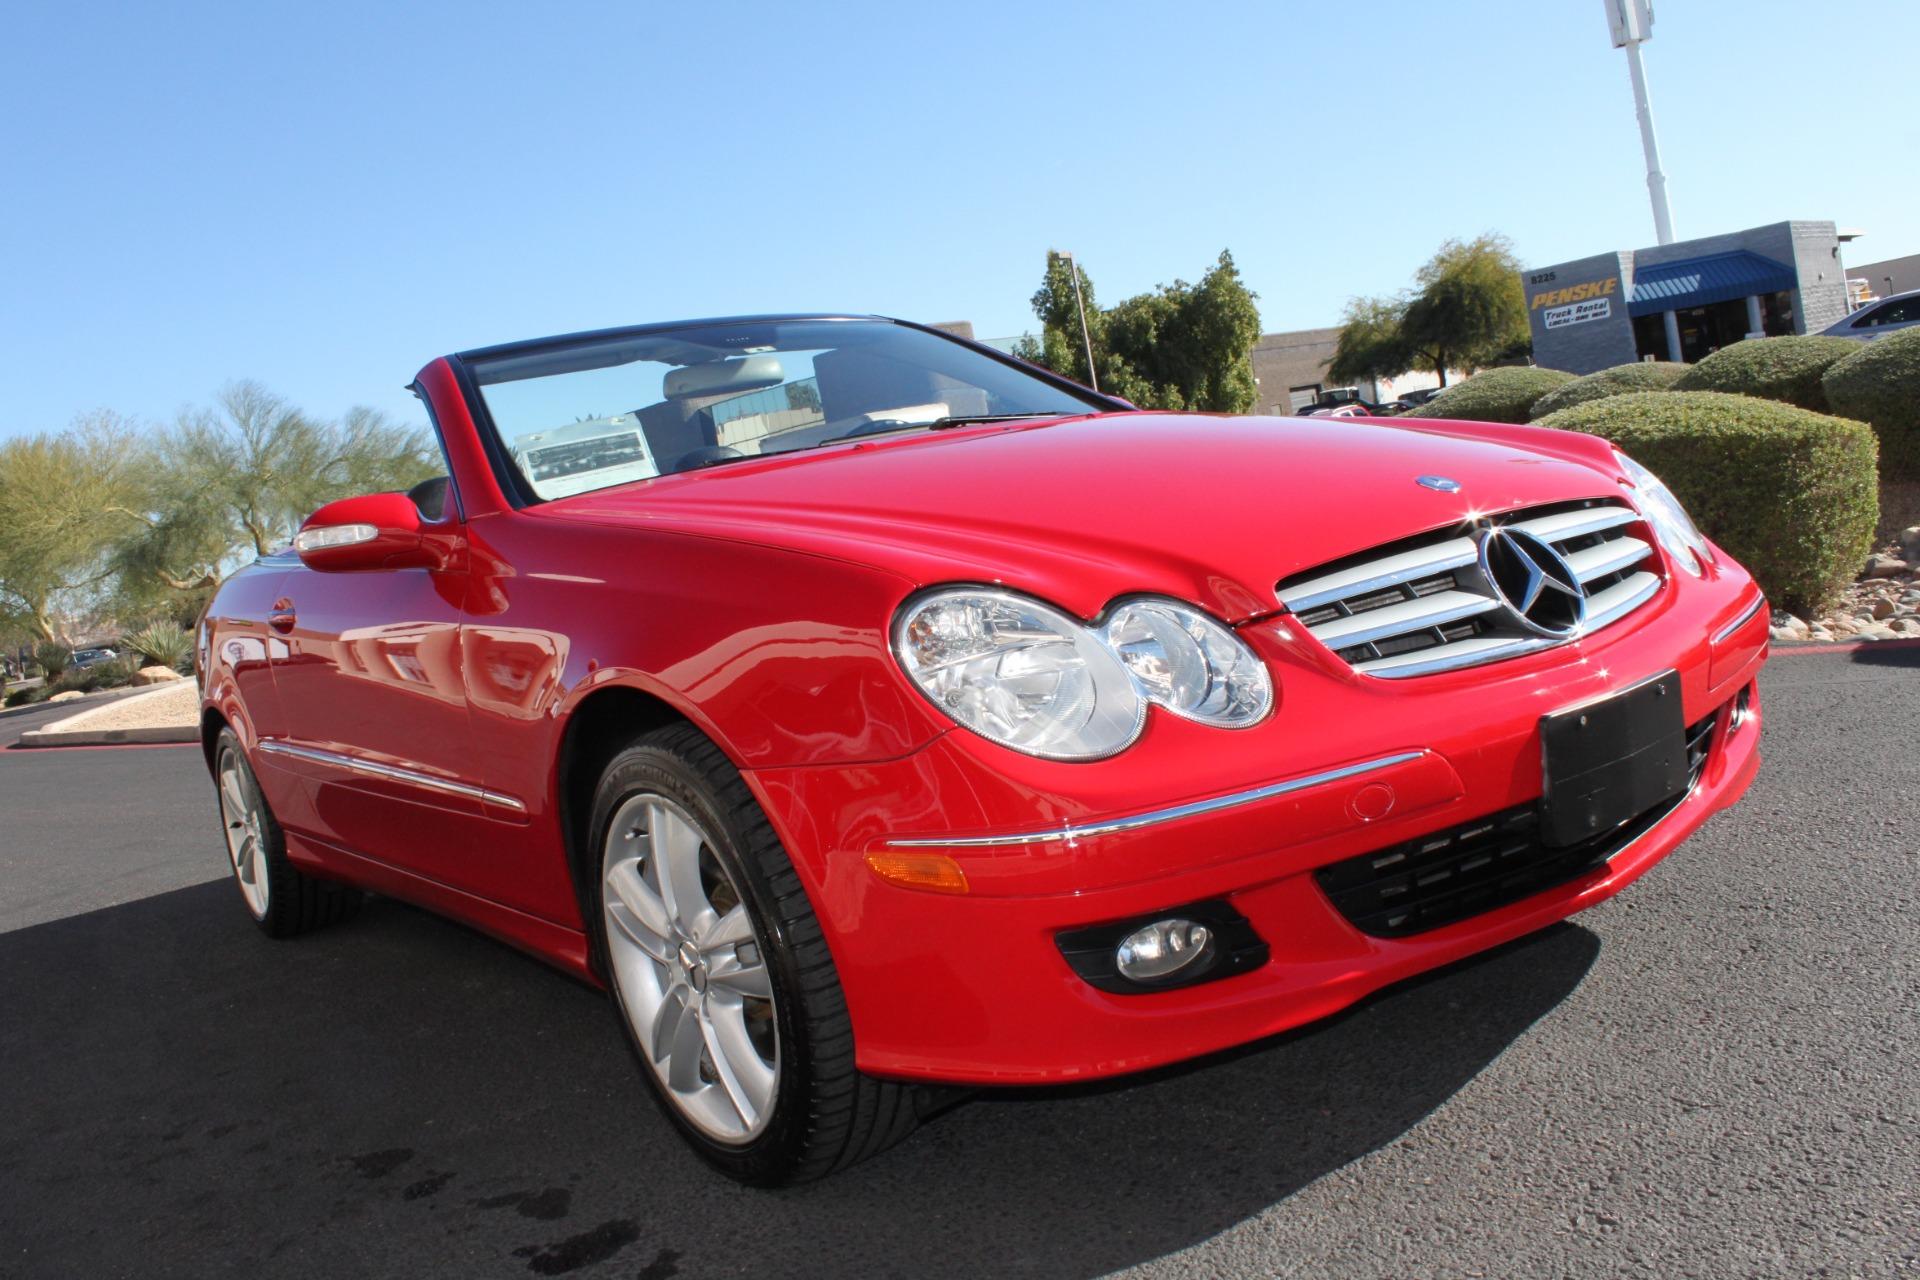 Used-2006-Mercedes-Benz-CLK-Class-CLK350-Cabriolet-35L-Mercedes-Benz